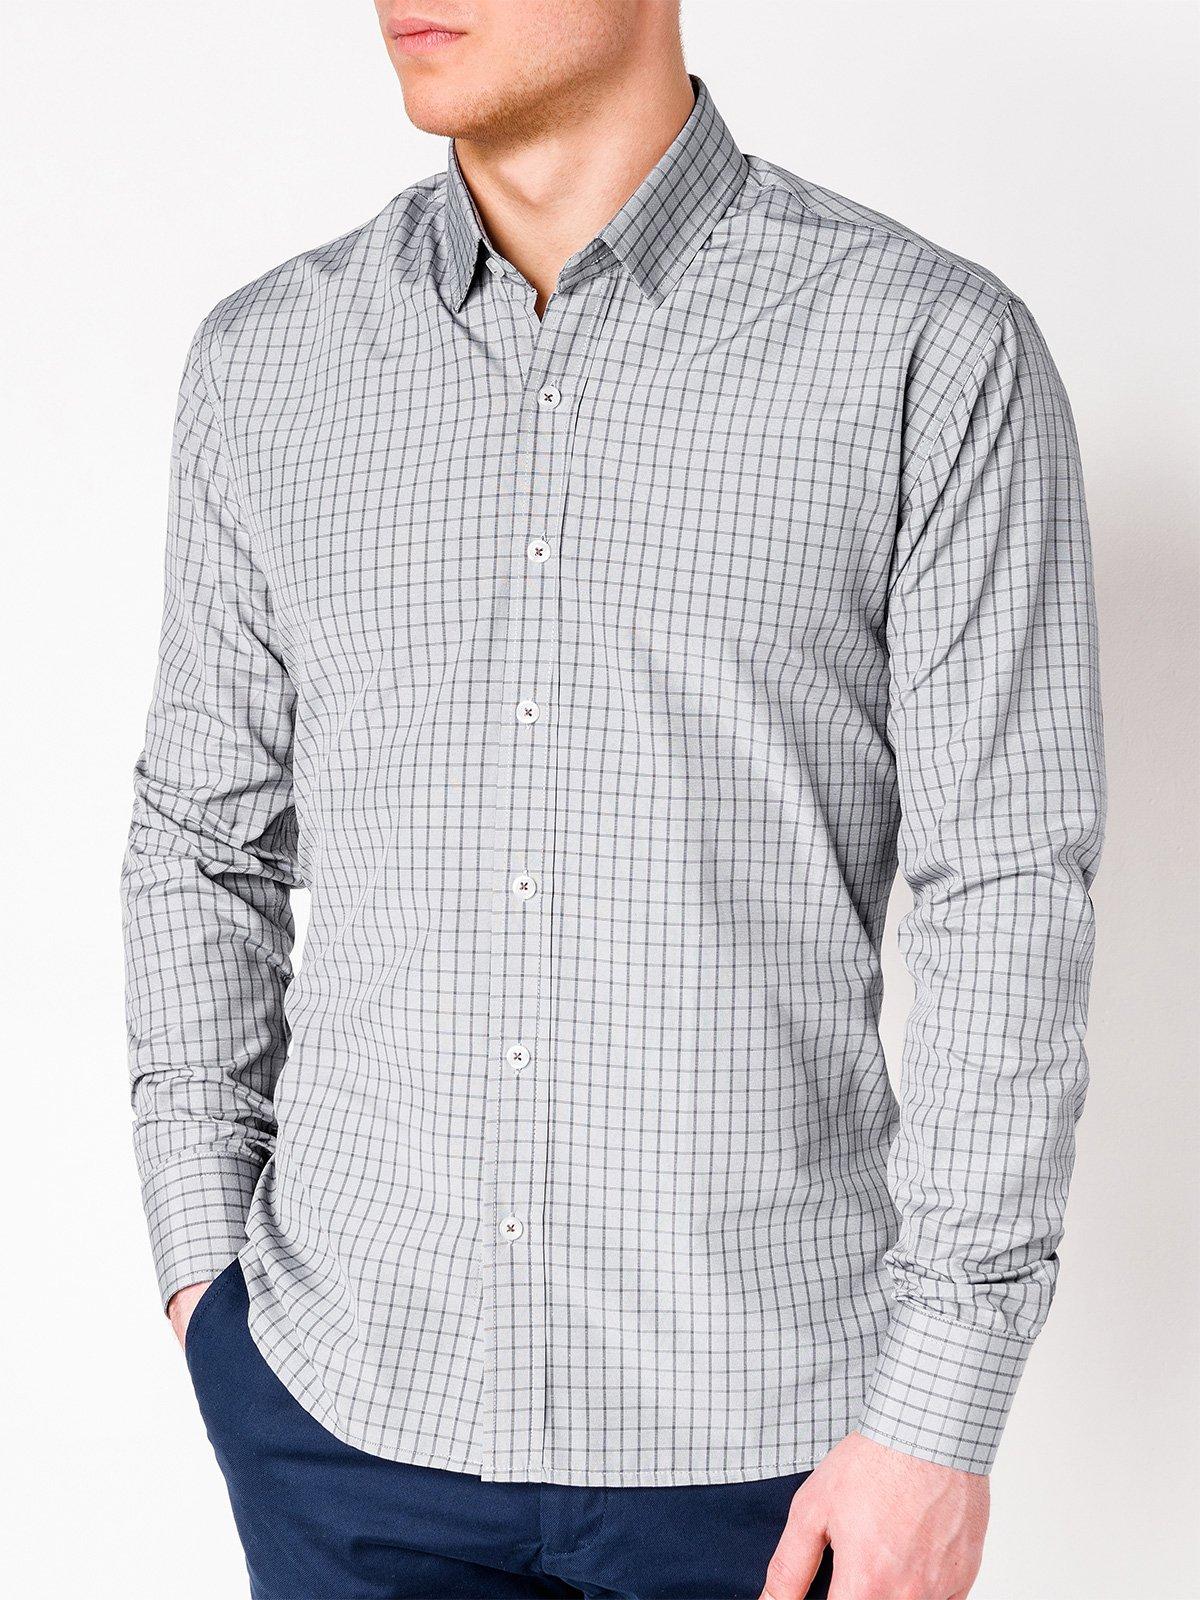 bf13d69d5f7 Мужская рубашка в клеточку с длинным рукавом K446 - серая серый ...